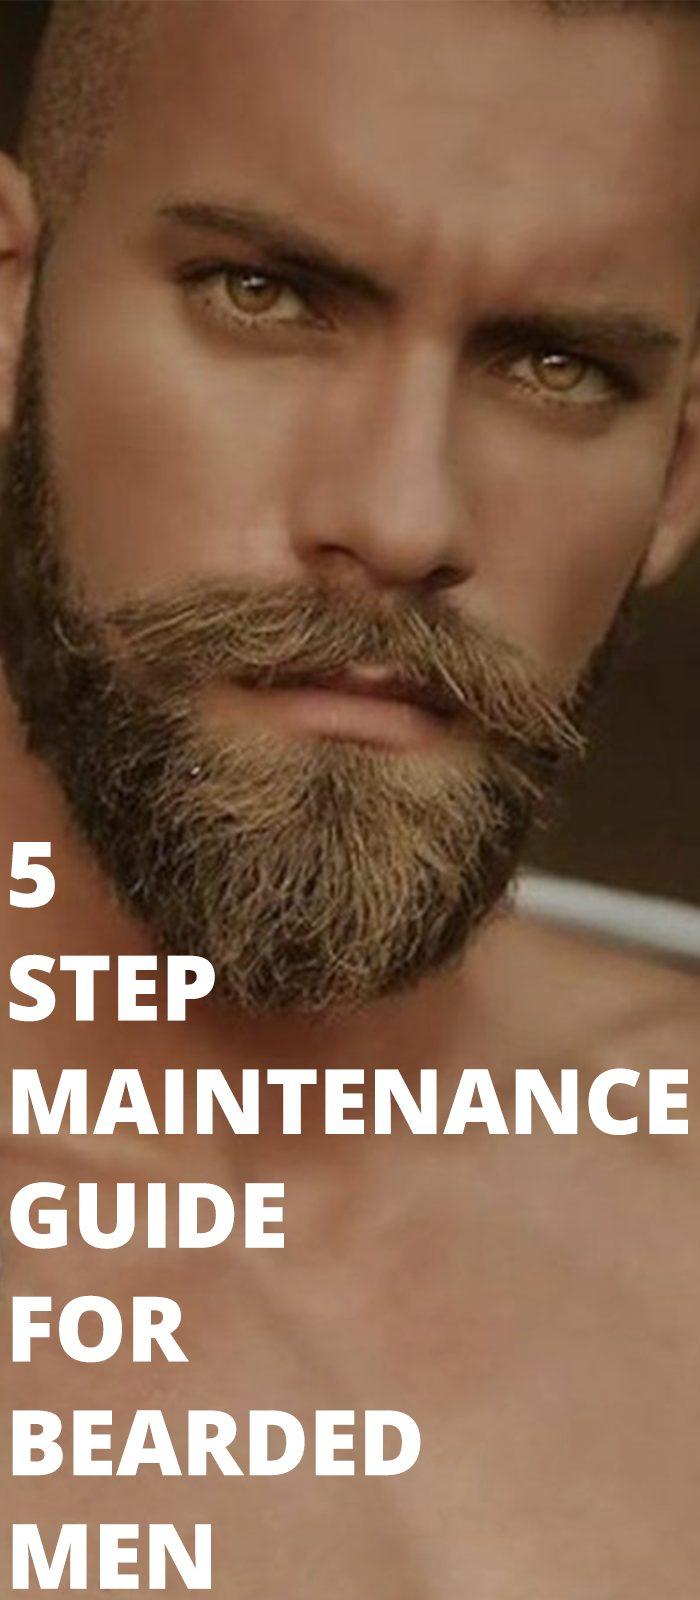 5 Step Maintenance Guide For Bearded Men